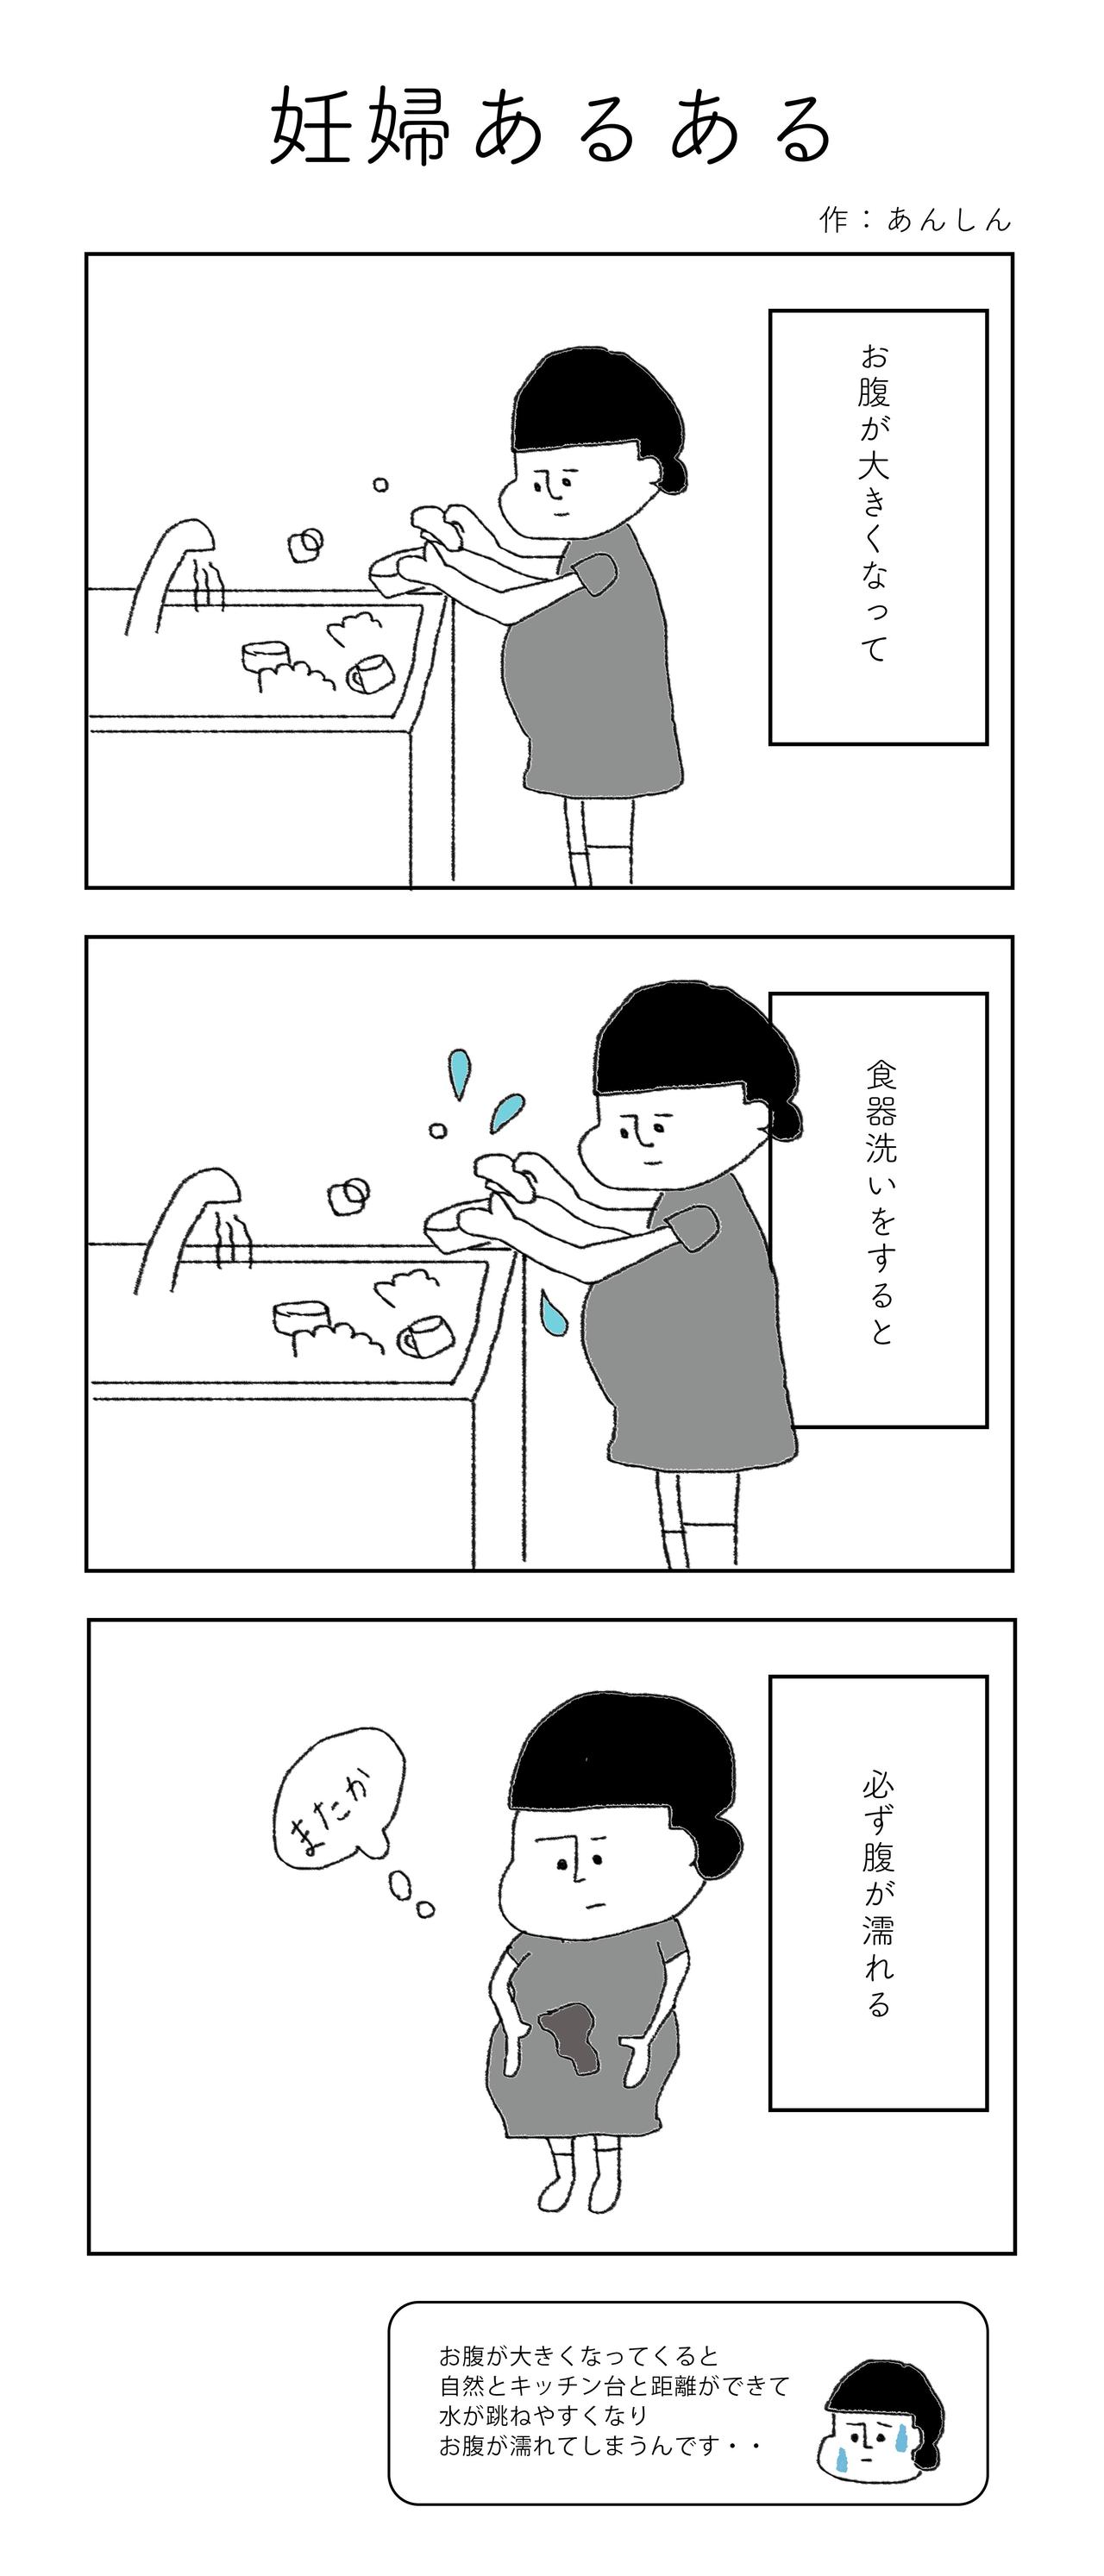 妊婦あるある「食器洗いをしていると」